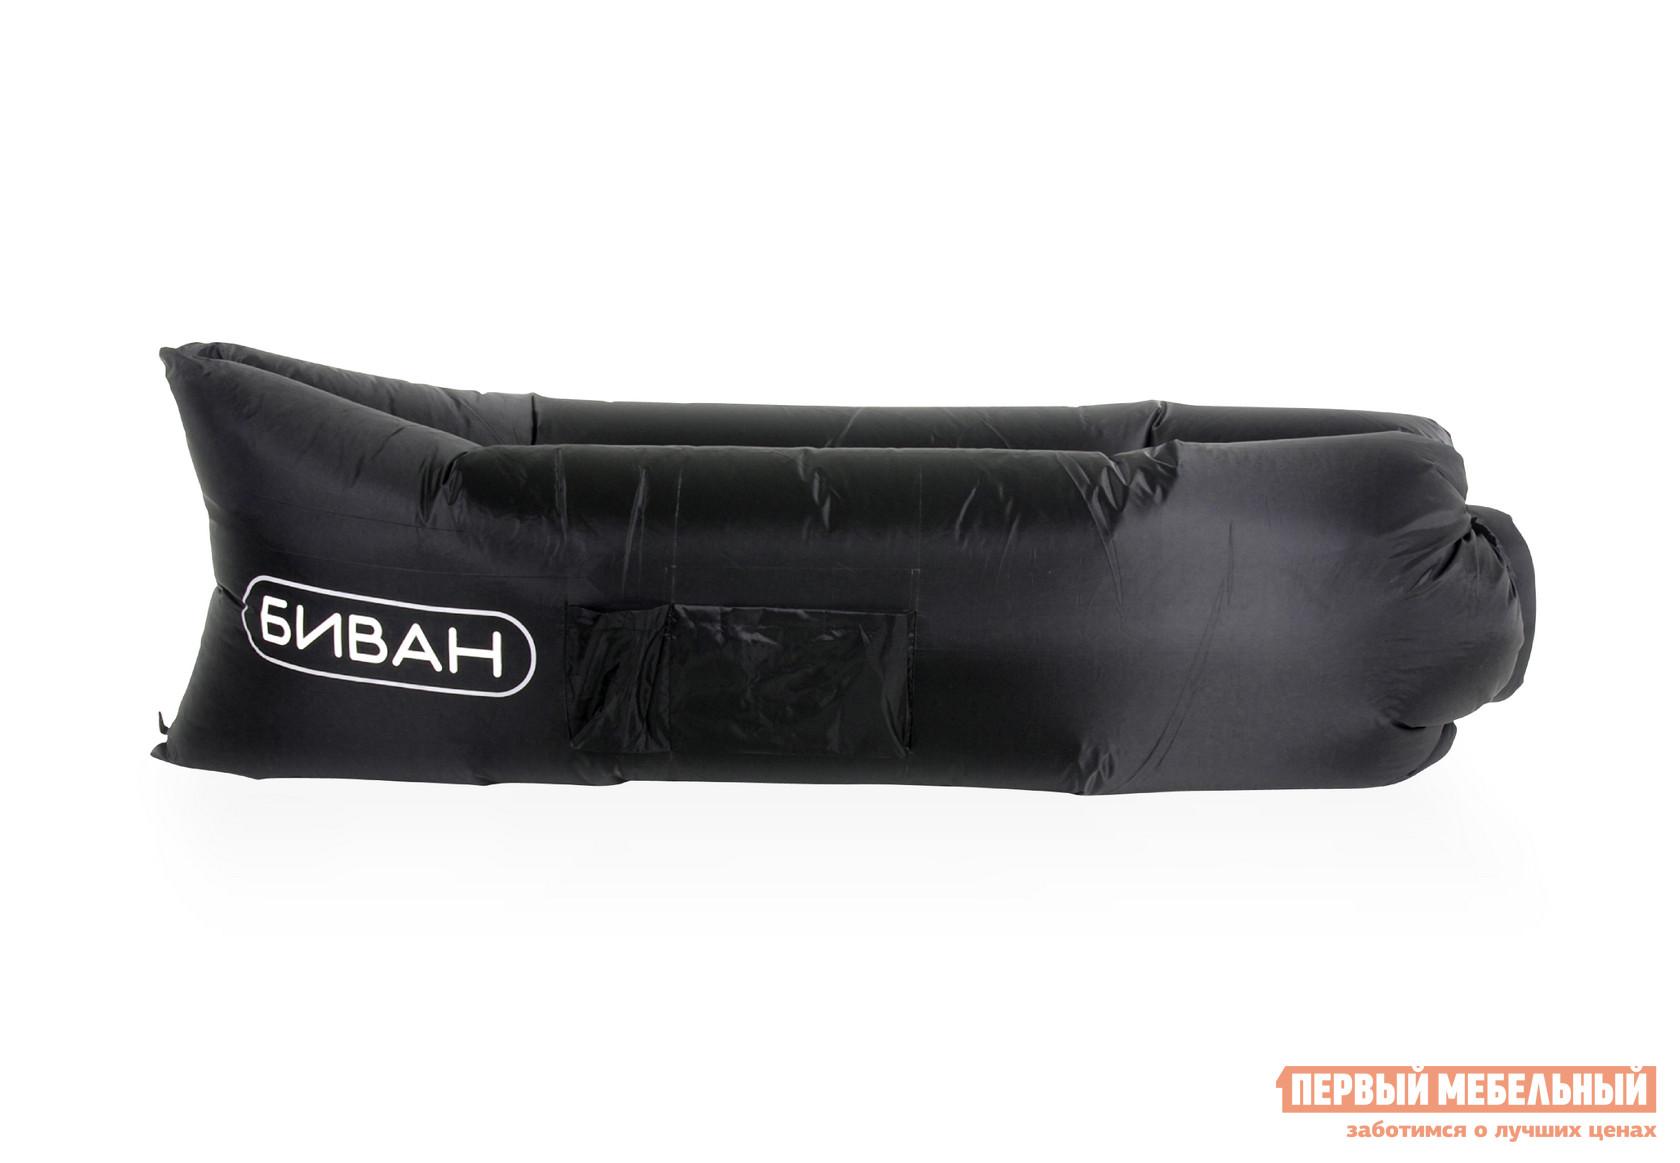 Кресло-мешок Биван Биван ЧерныйКресла-мешки<br>Габаритные размеры ВхШхГ x2500x700 мм. Лежите там где вам хочется, в любое время, в любом месте! Уникальный надувной диван создан специально для тех, кто одинаково сильно любит путешествовать и отдыхать, валяться, спать.  Это настоящая спасательная шлюпка для уставшего путника. В считанные минуты вы сможете создать местечко для ленивого времяпрепровождения.  Диван Биван заменит шезлонги и матрасы на пляже, складные стулья и колючие пледы на пикниках благодаря своей компактности, легкости и удобству использования. В сложенном виде его размеры всего 35 х 15 х 11 см. Полная длина в развернутом виде составляет 250 см, ширина — 70 см. Полезная длина в надутом виде — 200 см, ширина — 90 см. Надувать Биван не только легко, но и весело.  Больше никаких насосов, просто зачерпните воздух парой взмахов в стороны и плотно затяните горловину.  Биван способен удерживать надутое состояние более 12 часов. Сбоку дивана есть два кармашка для всякой всячины — побольше и поменьше.  Также имеется петля для колышка, чтобы ваш Биван неожиданно не сбежал. Модель изготовлена из прочного и технологичного парашютного шёлка. В комплекте идет удобная сумочка для переноски дивана.<br><br>Цвет: Черный<br>Цвет: Черный<br>Ширина мм: 2500<br>Глубина мм: 700<br>Кол-во упаковок: 1<br>Форма поставки: В разобранном виде<br>Срок гарантии: 1 месяц<br>Назначение: Для улицы<br>Материал: из ткани